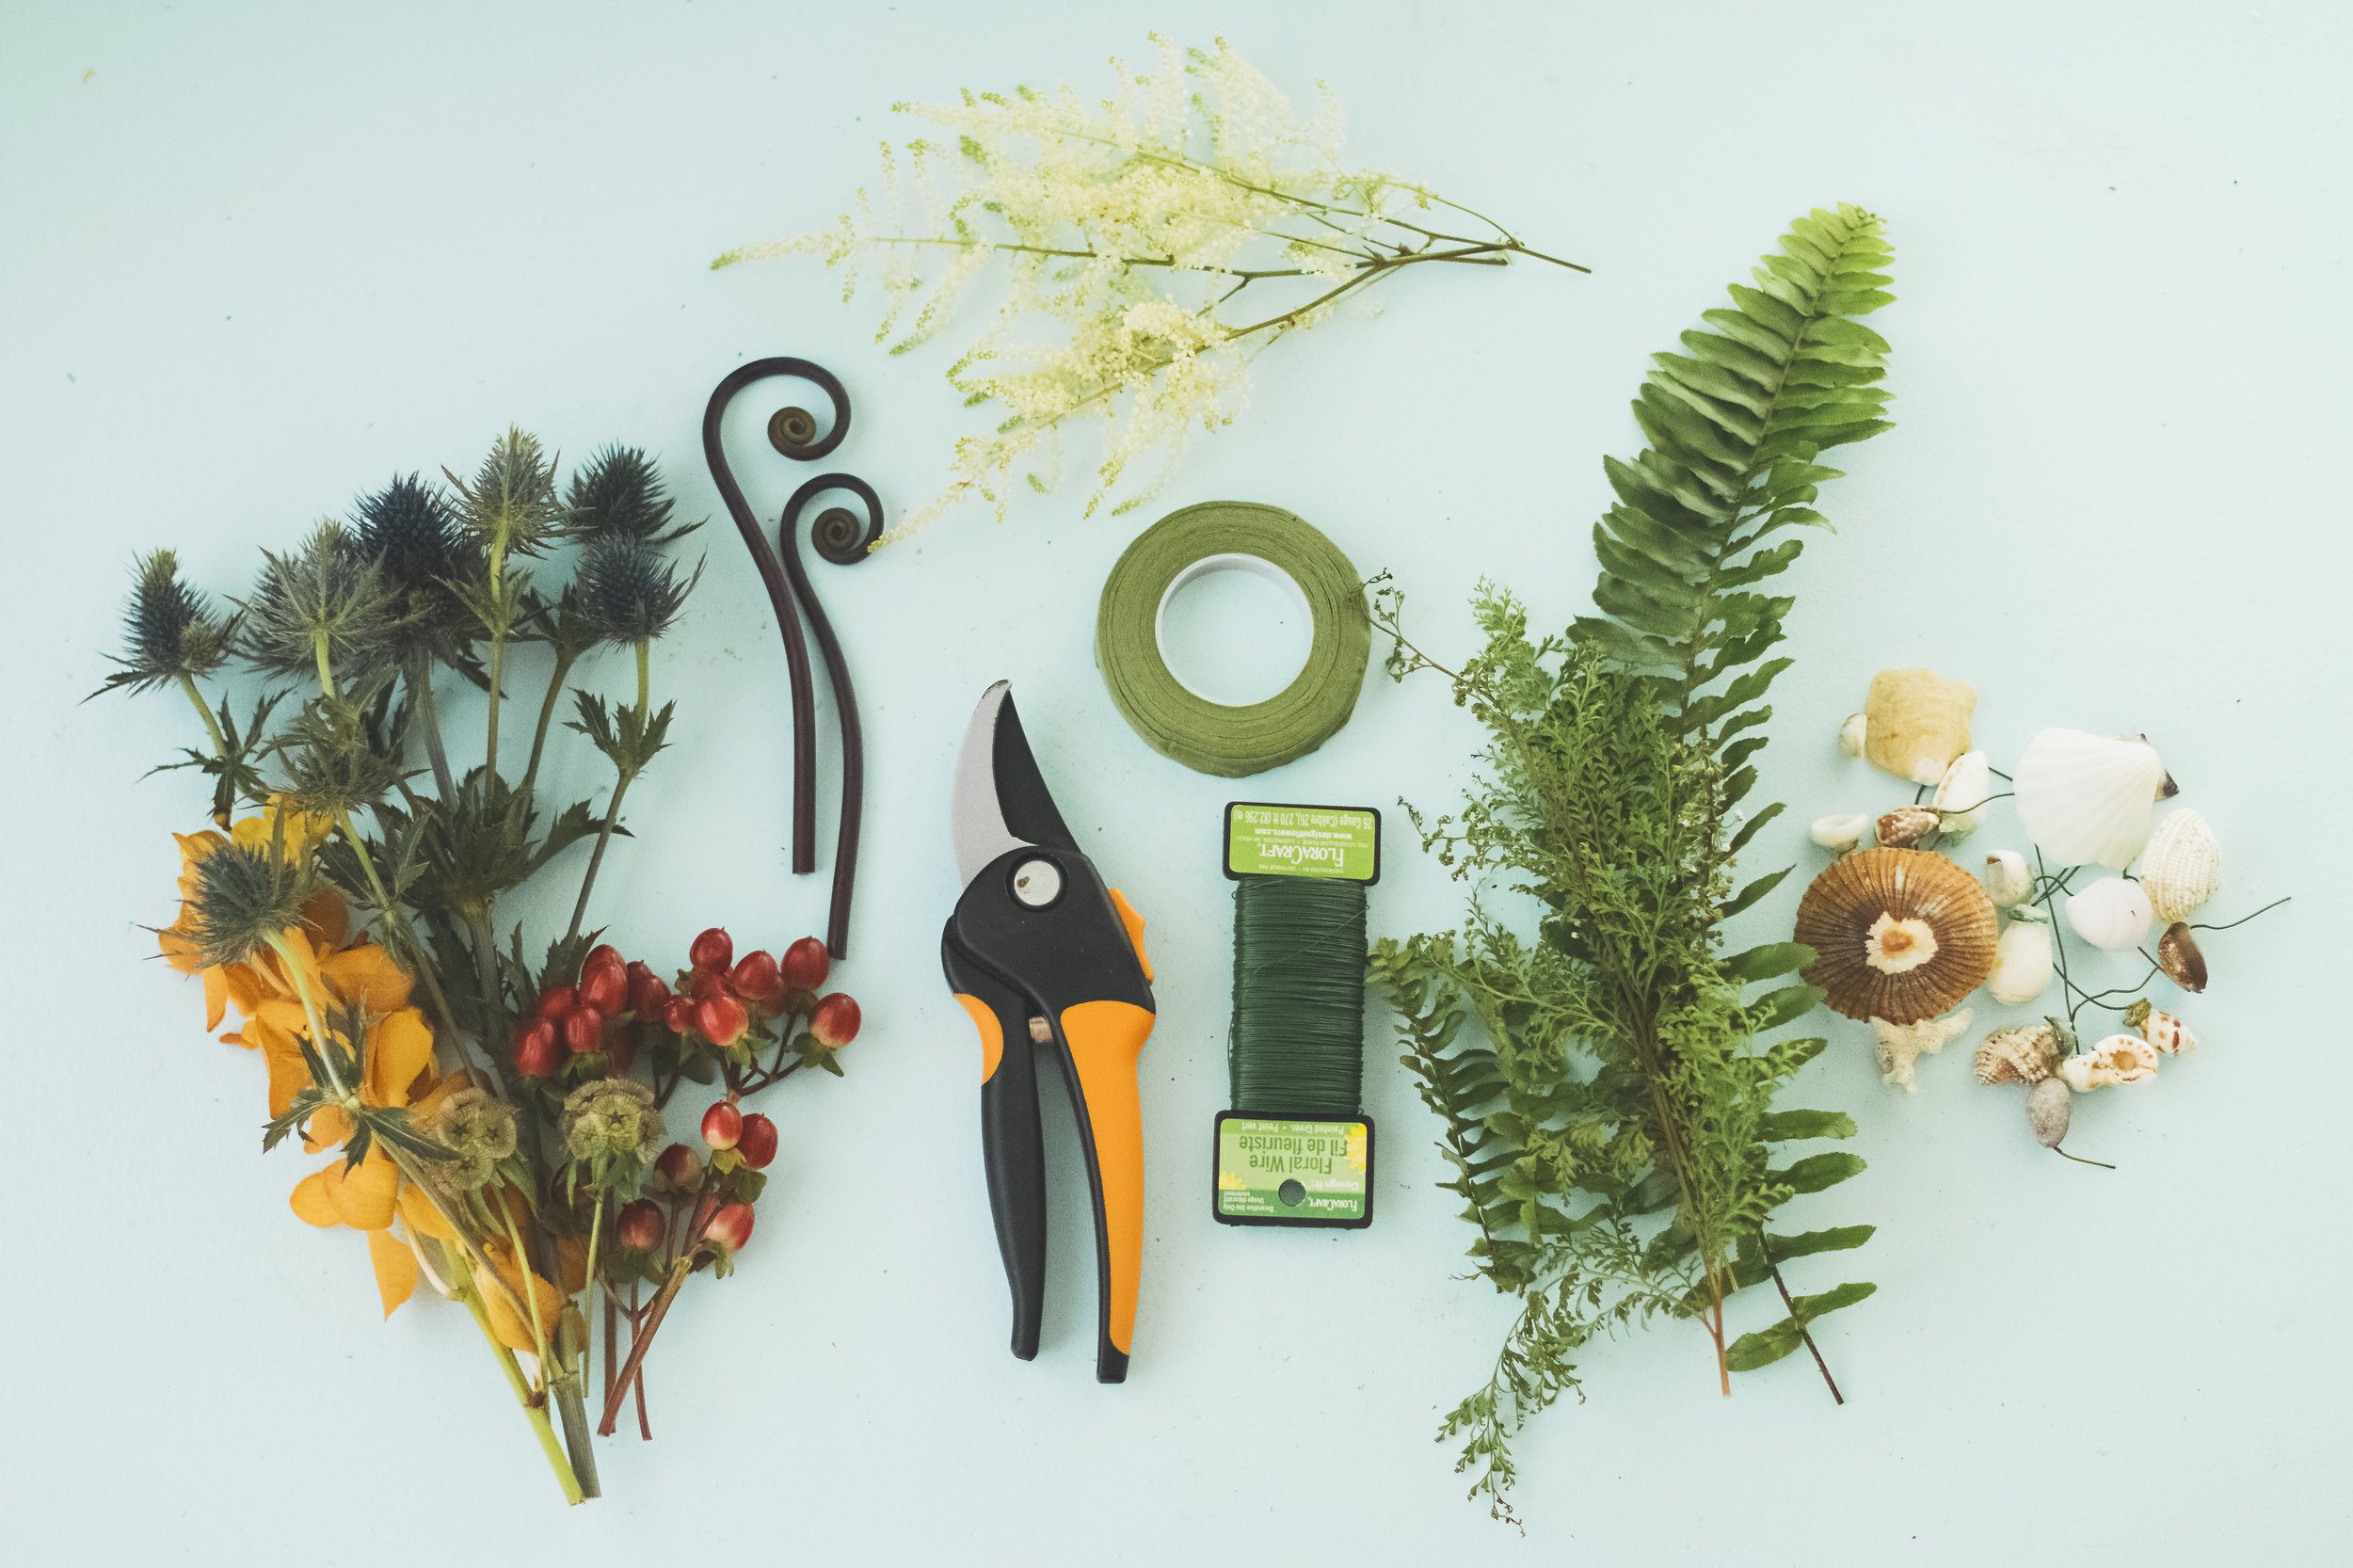 angie-diaz-photography-diy-flower-crown-tutorial-09.jpg